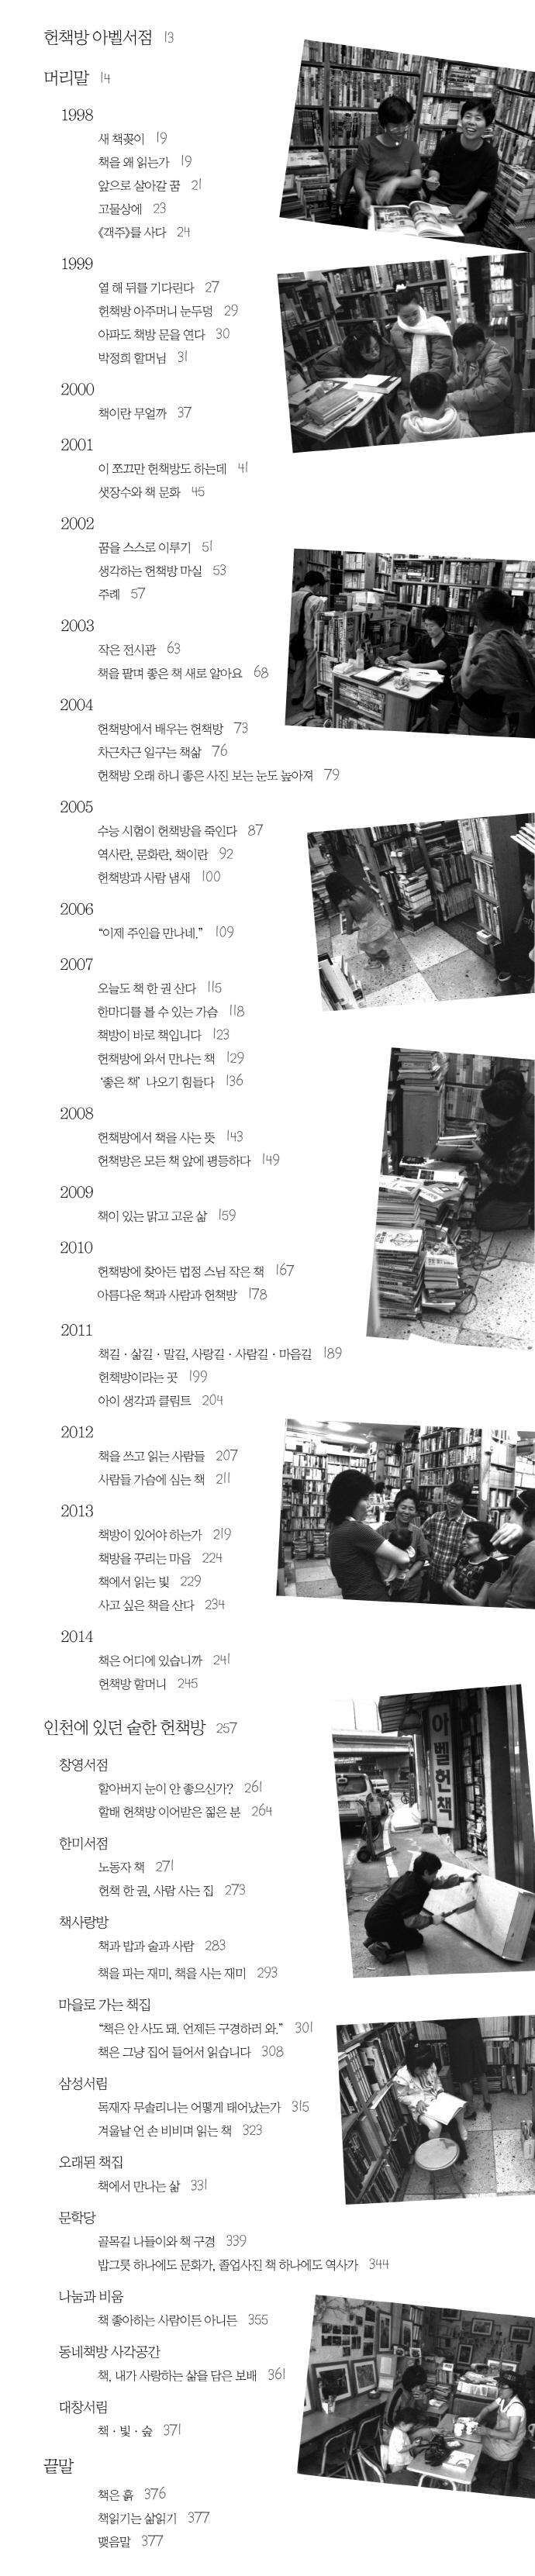 책빛숲, 아벨서점과 배다리 헌책방거리 도서 상세이미지